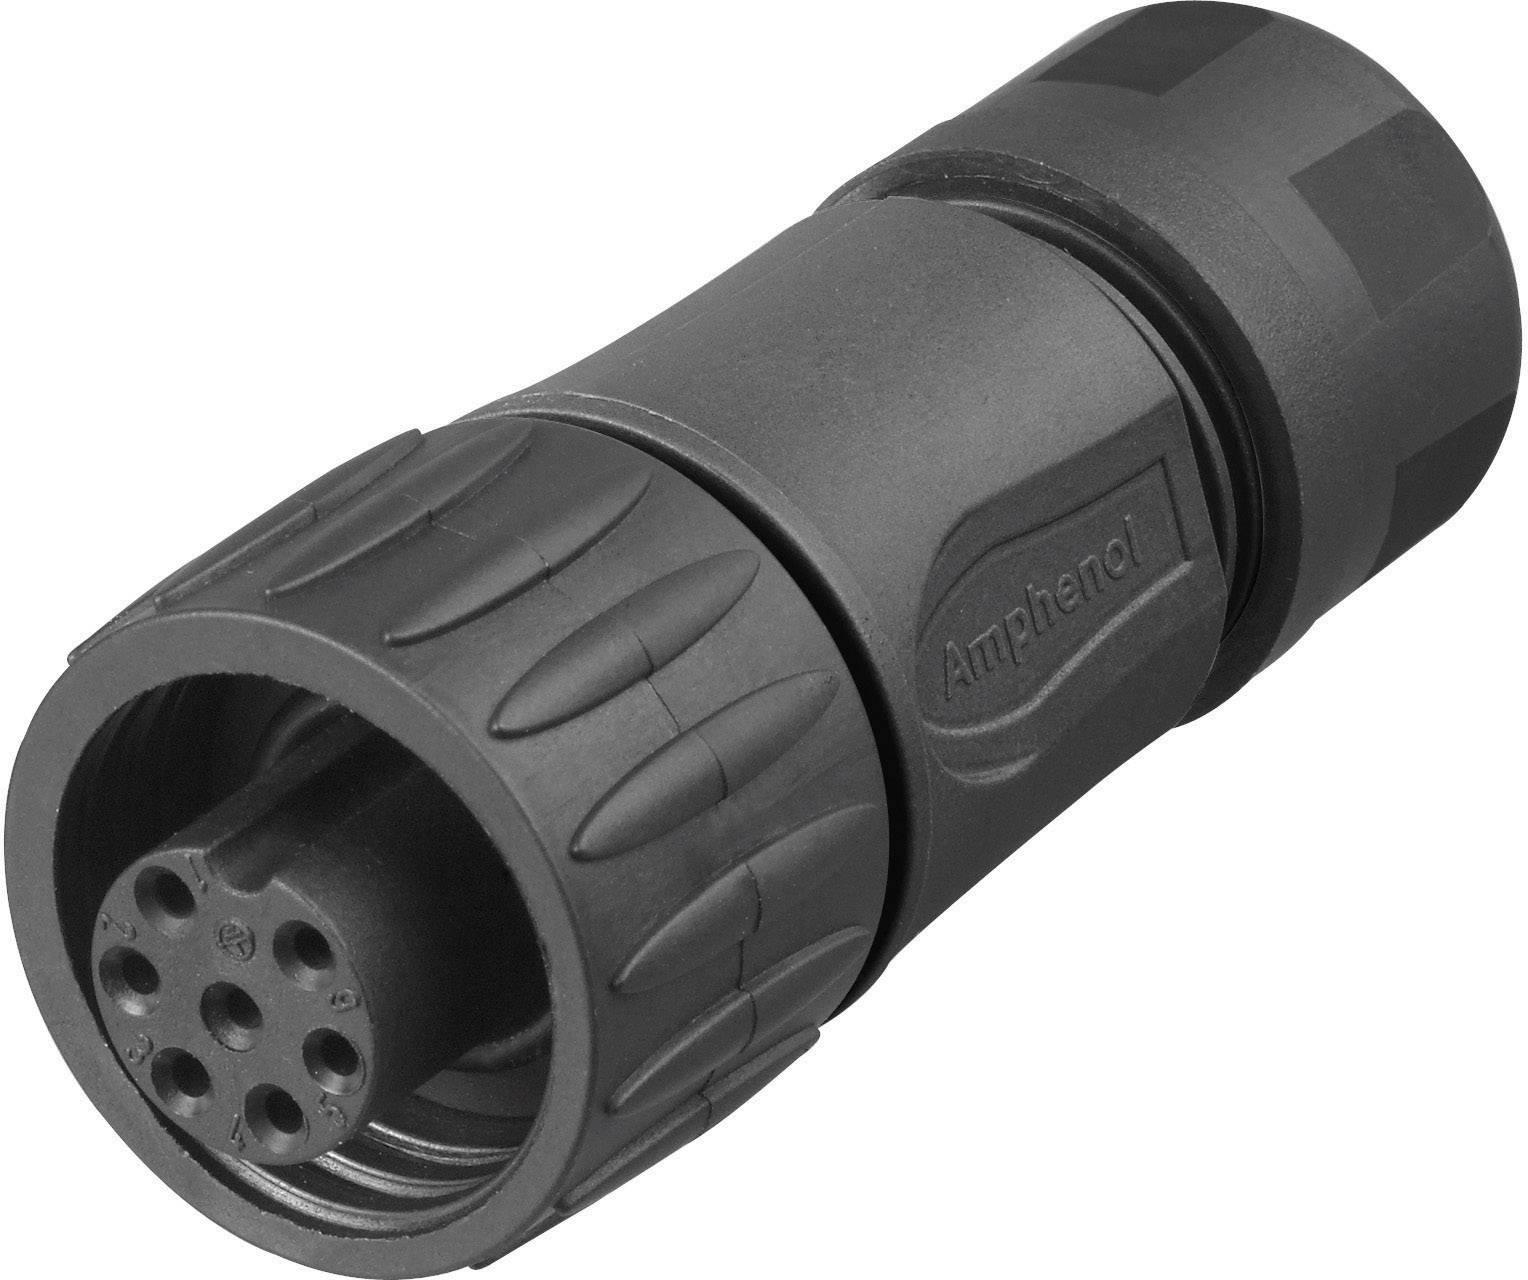 Kabelová zásuvka úhlová 6+PE Amphenol C016 10D006 010 12, černá